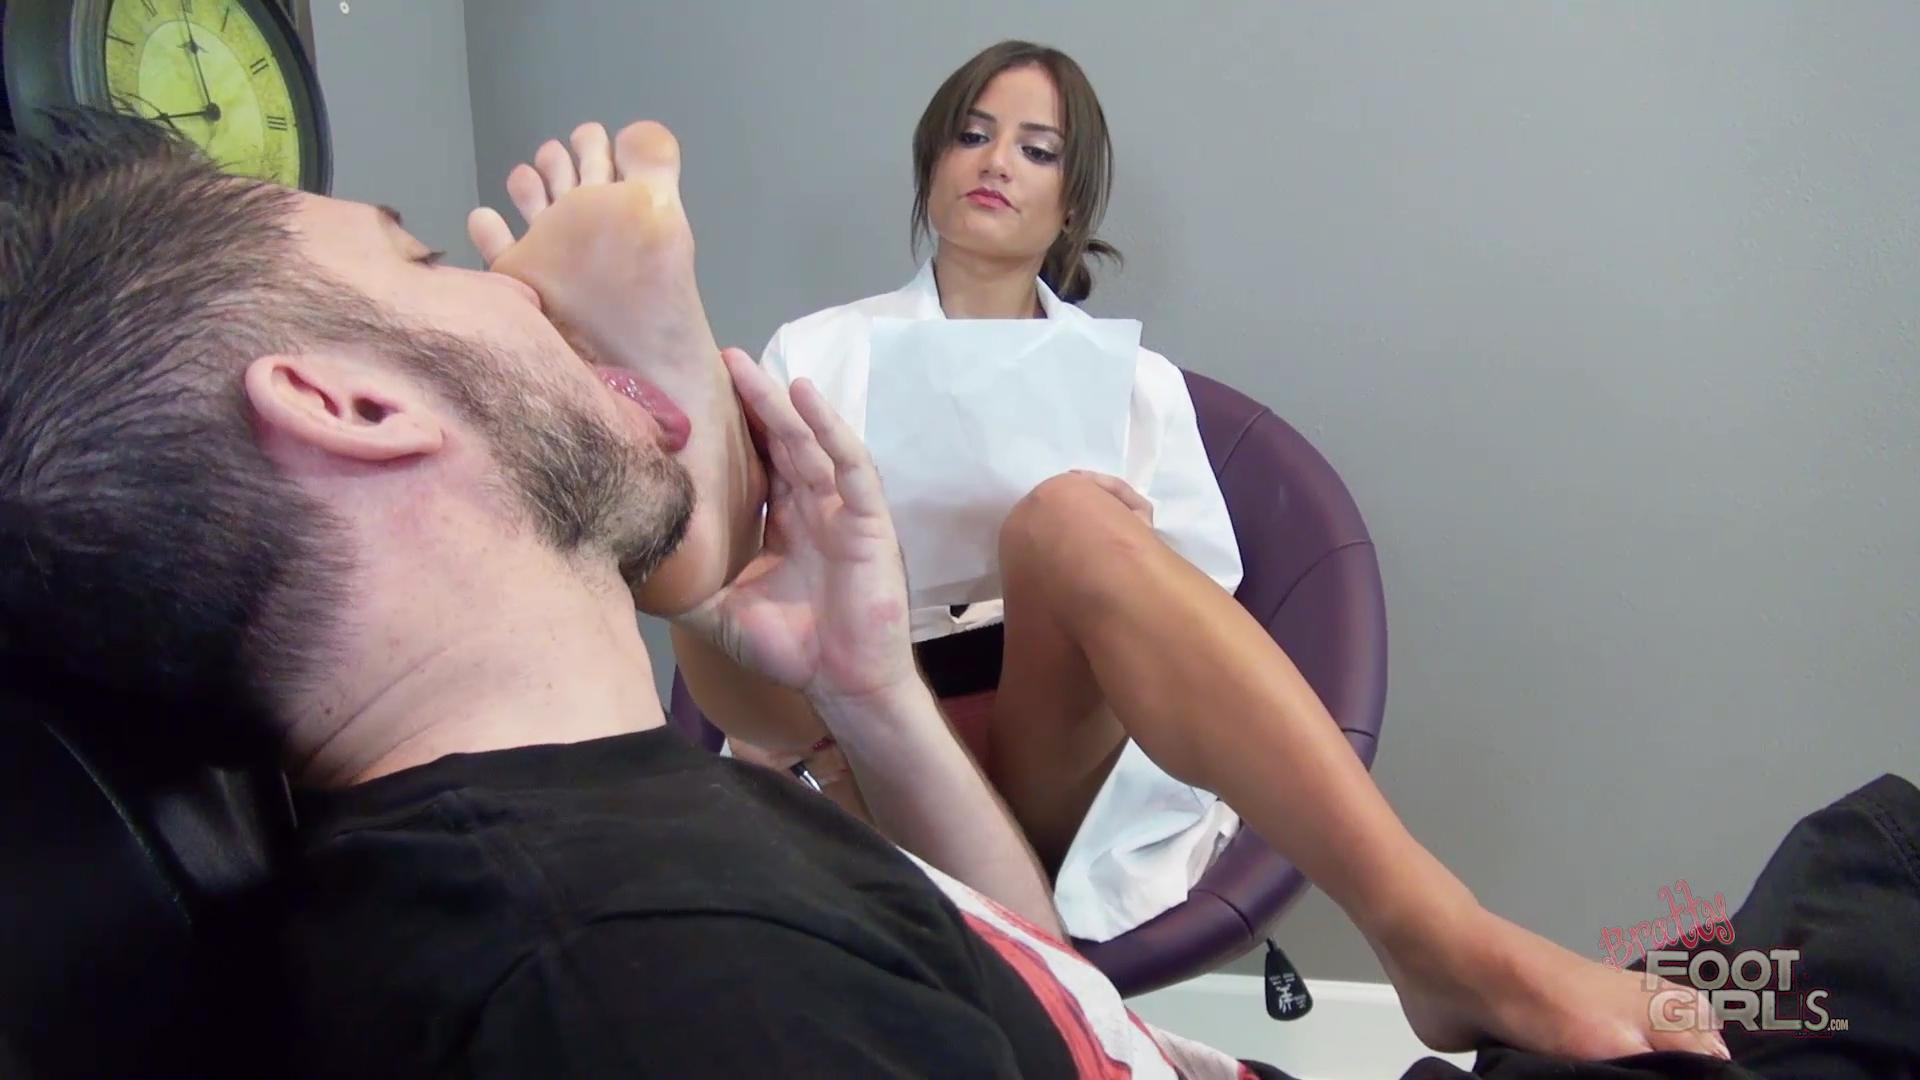 fetish-terapiya-smotret-onlayn-samie-krasivie-stseni-gruppovogo-seksa-smotret